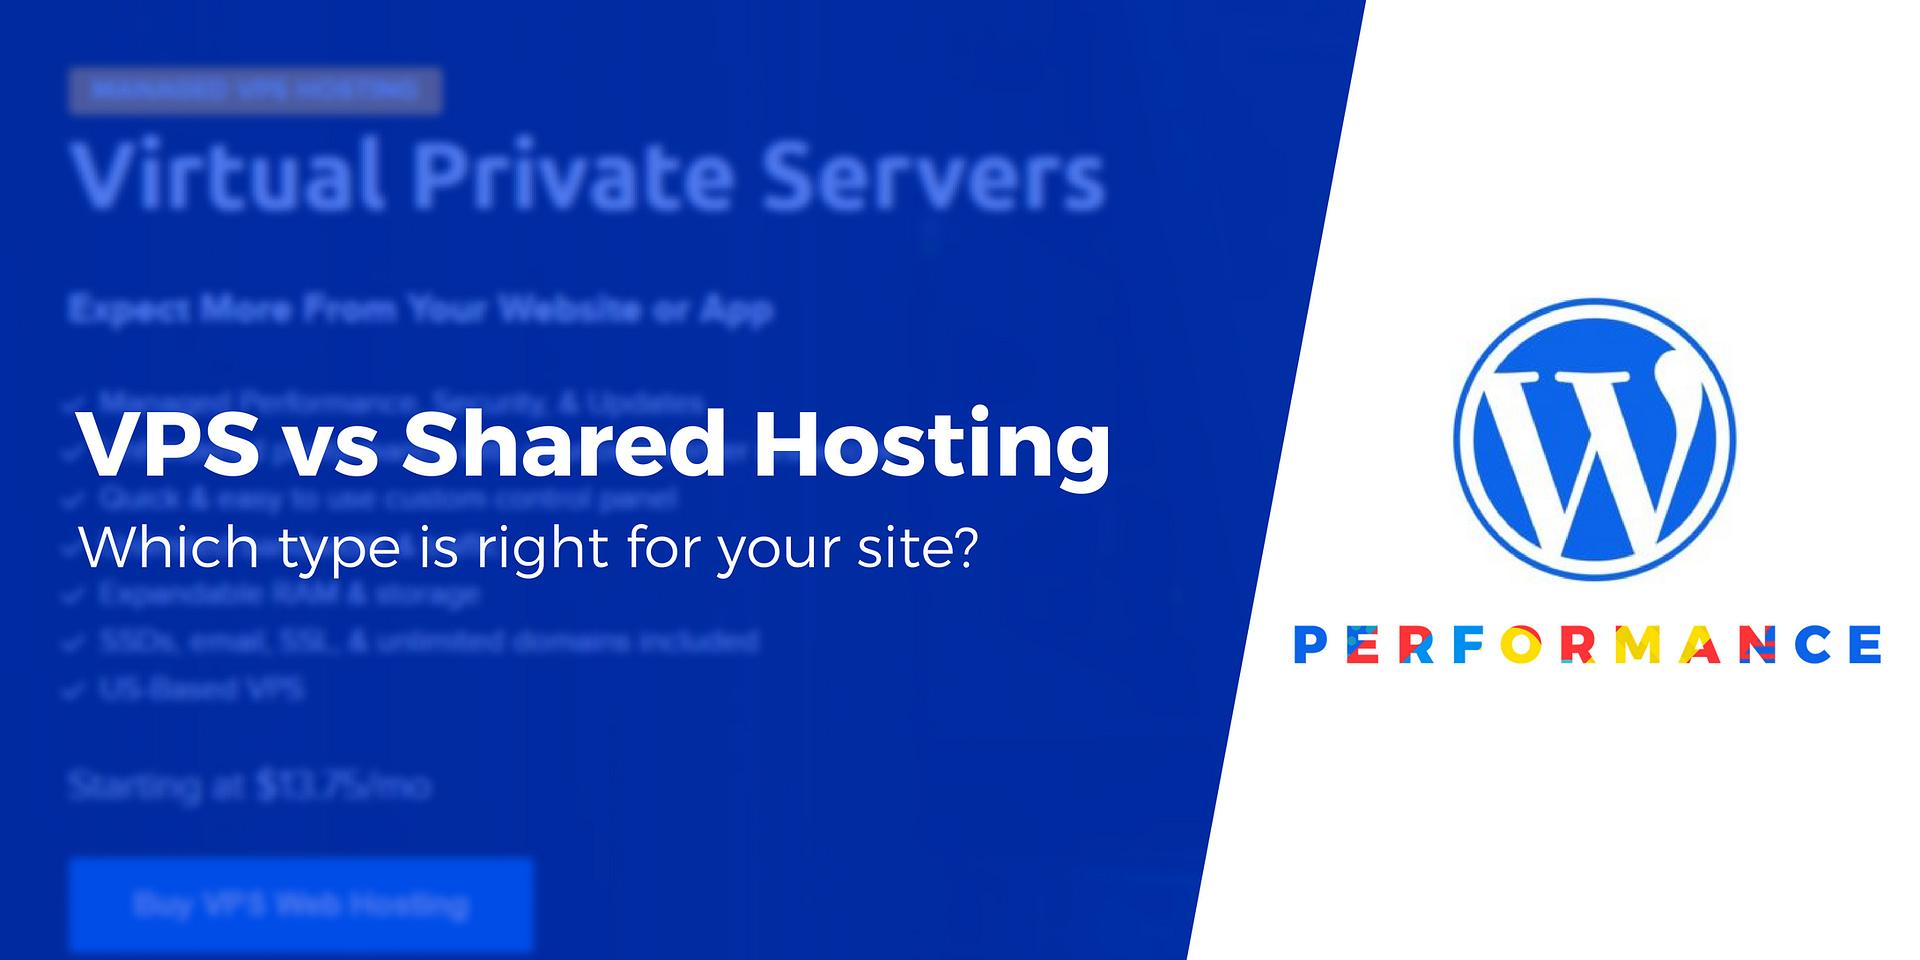 VPS vs Shared Hosting: Is VPS Hosting Right for Your